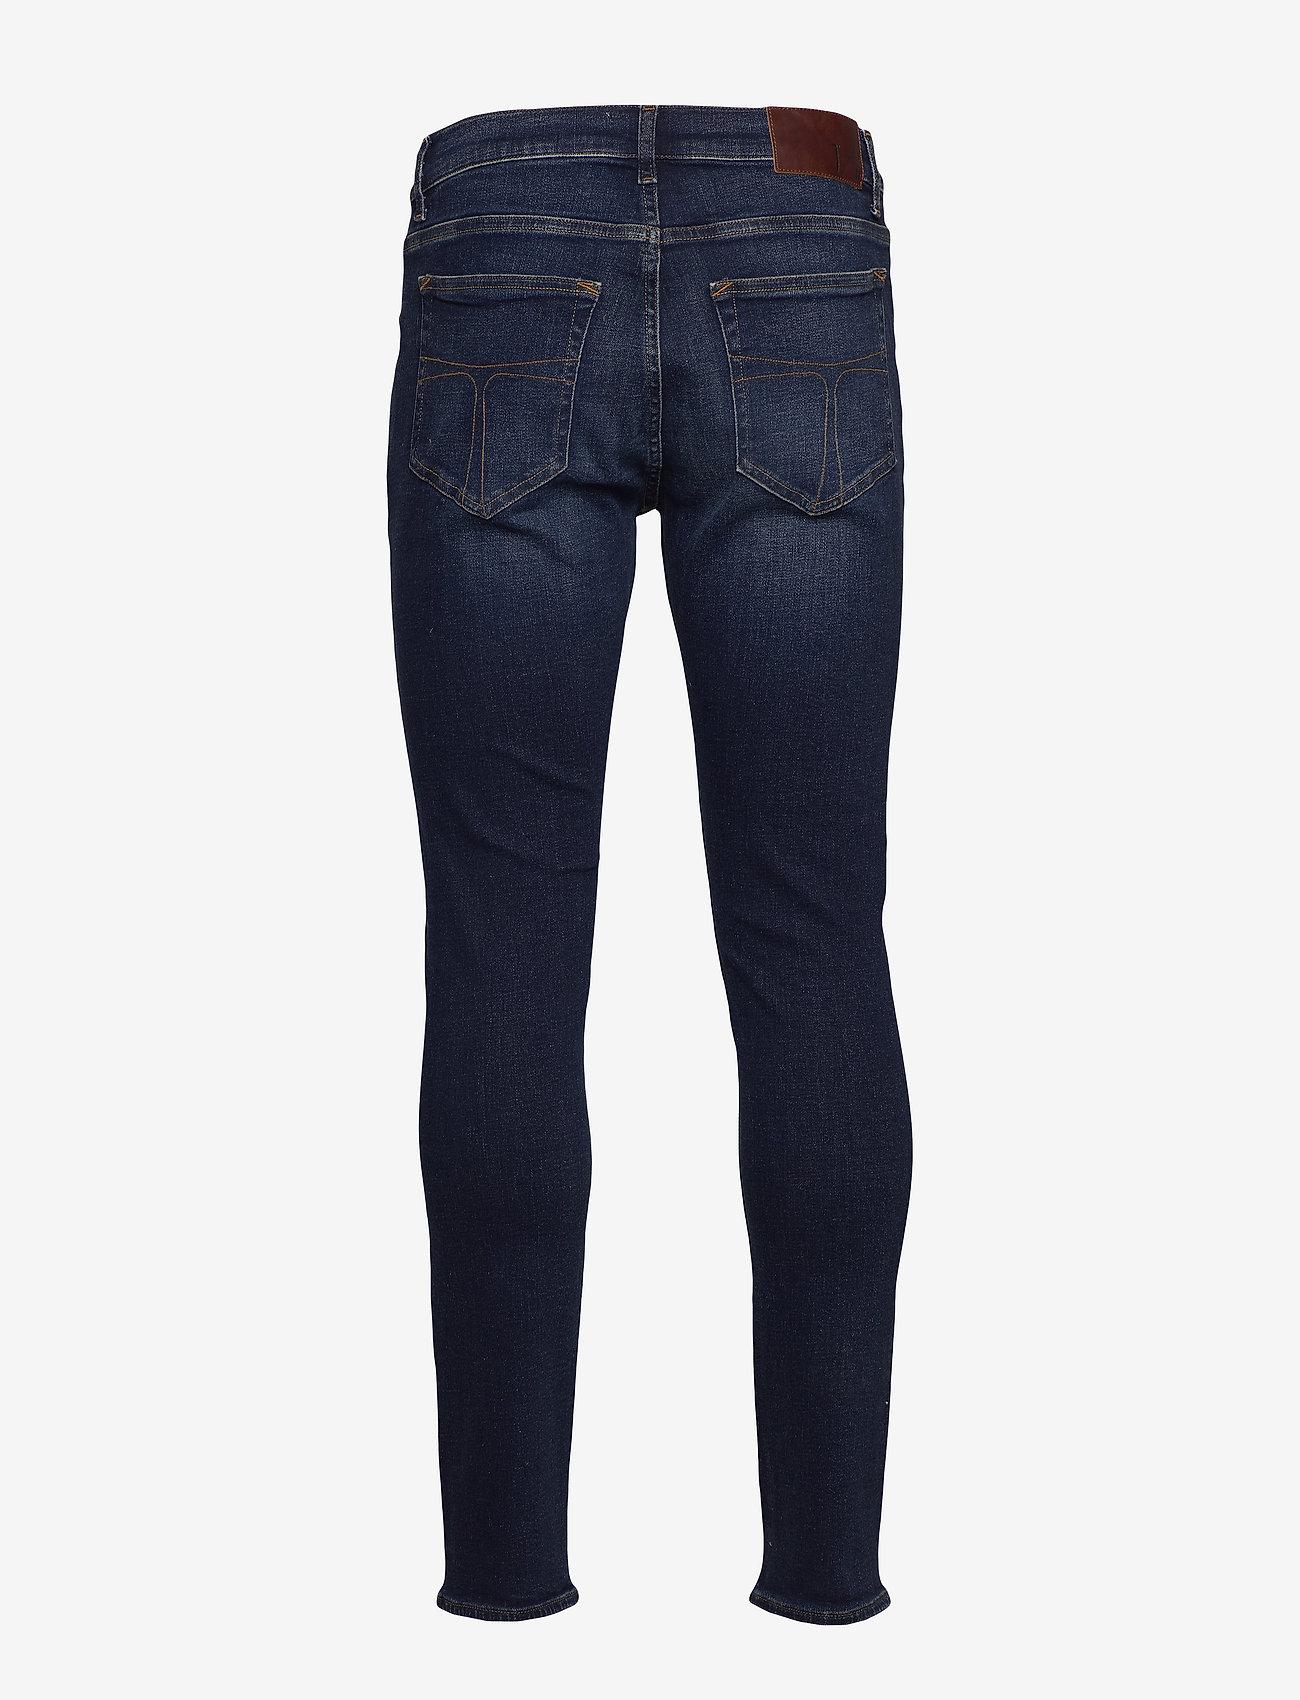 Tiger of Sweden Jeans - EVOLVE - skinny jeans - royal blue